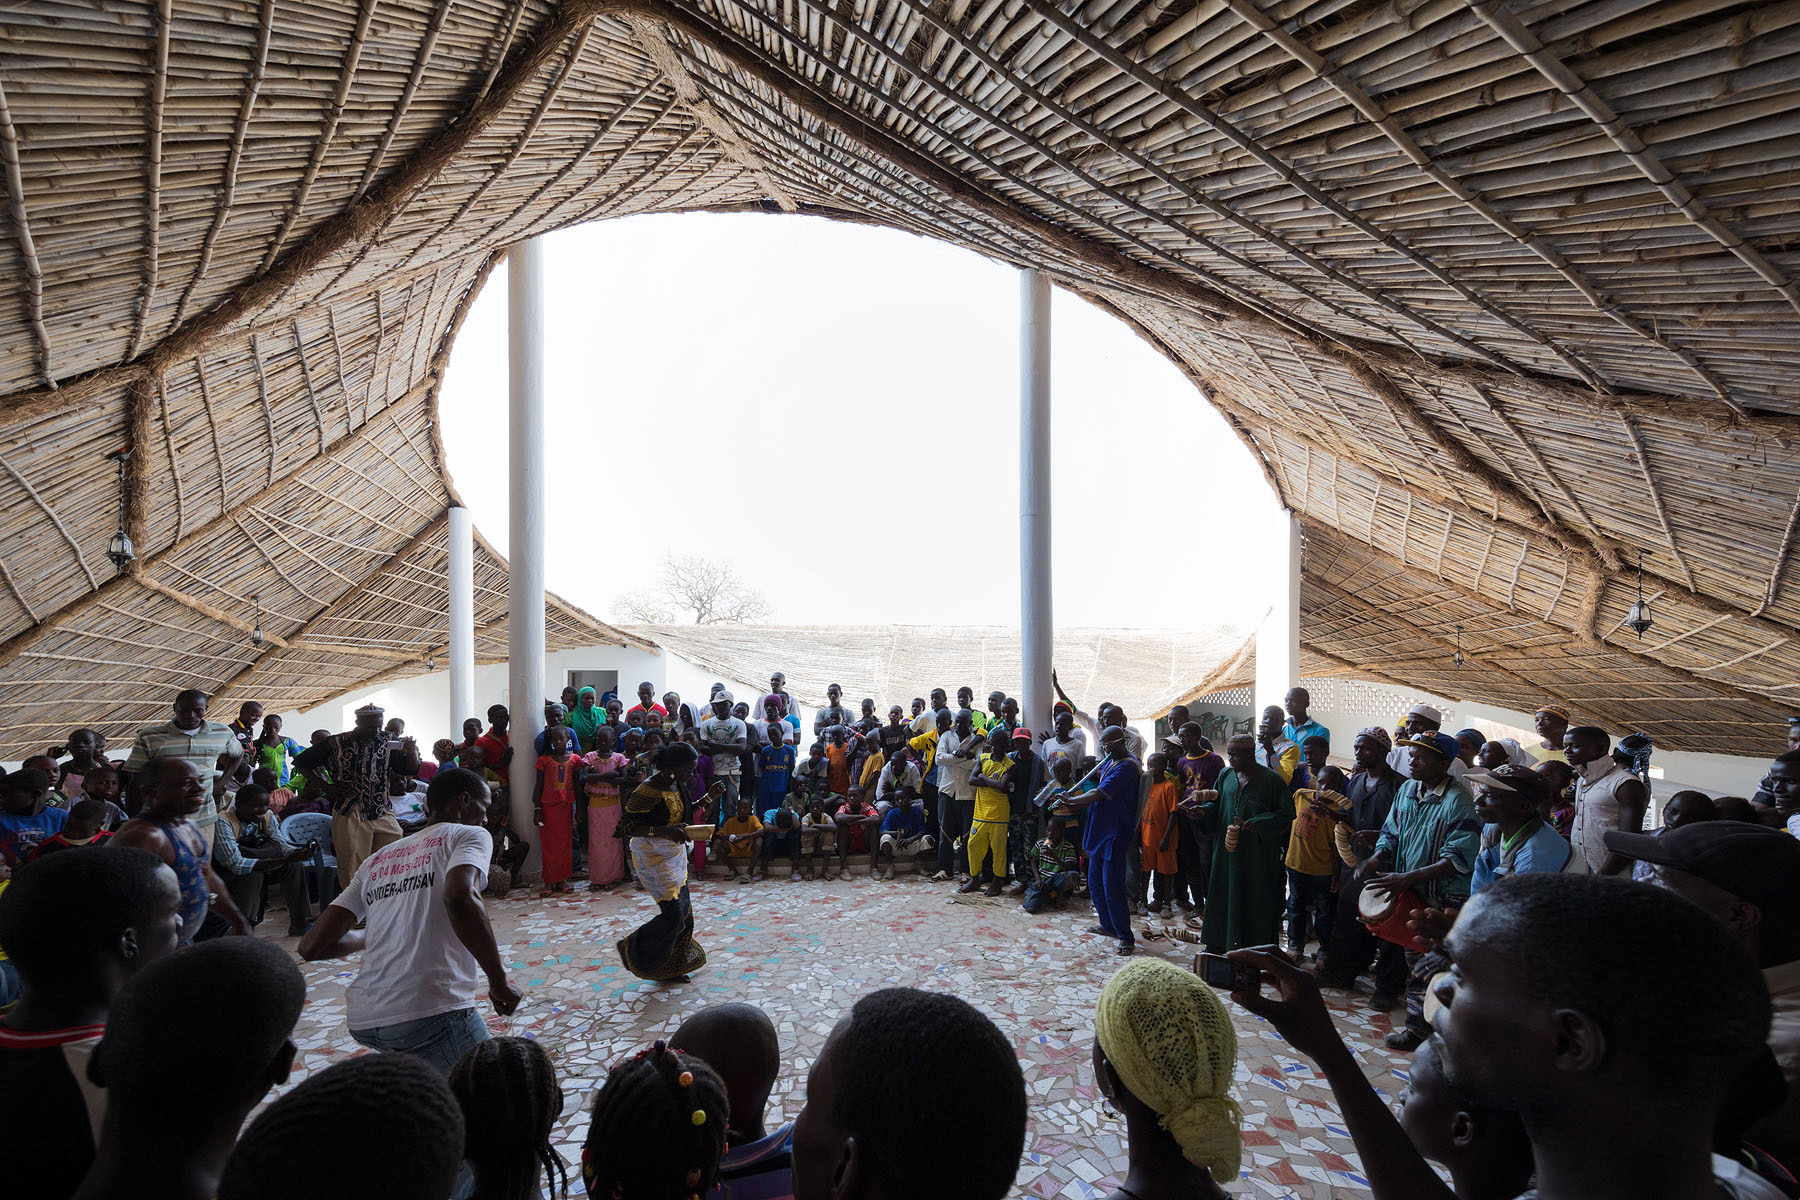 Thread par Luc Clément collective danse Thread, Senegal, 2016